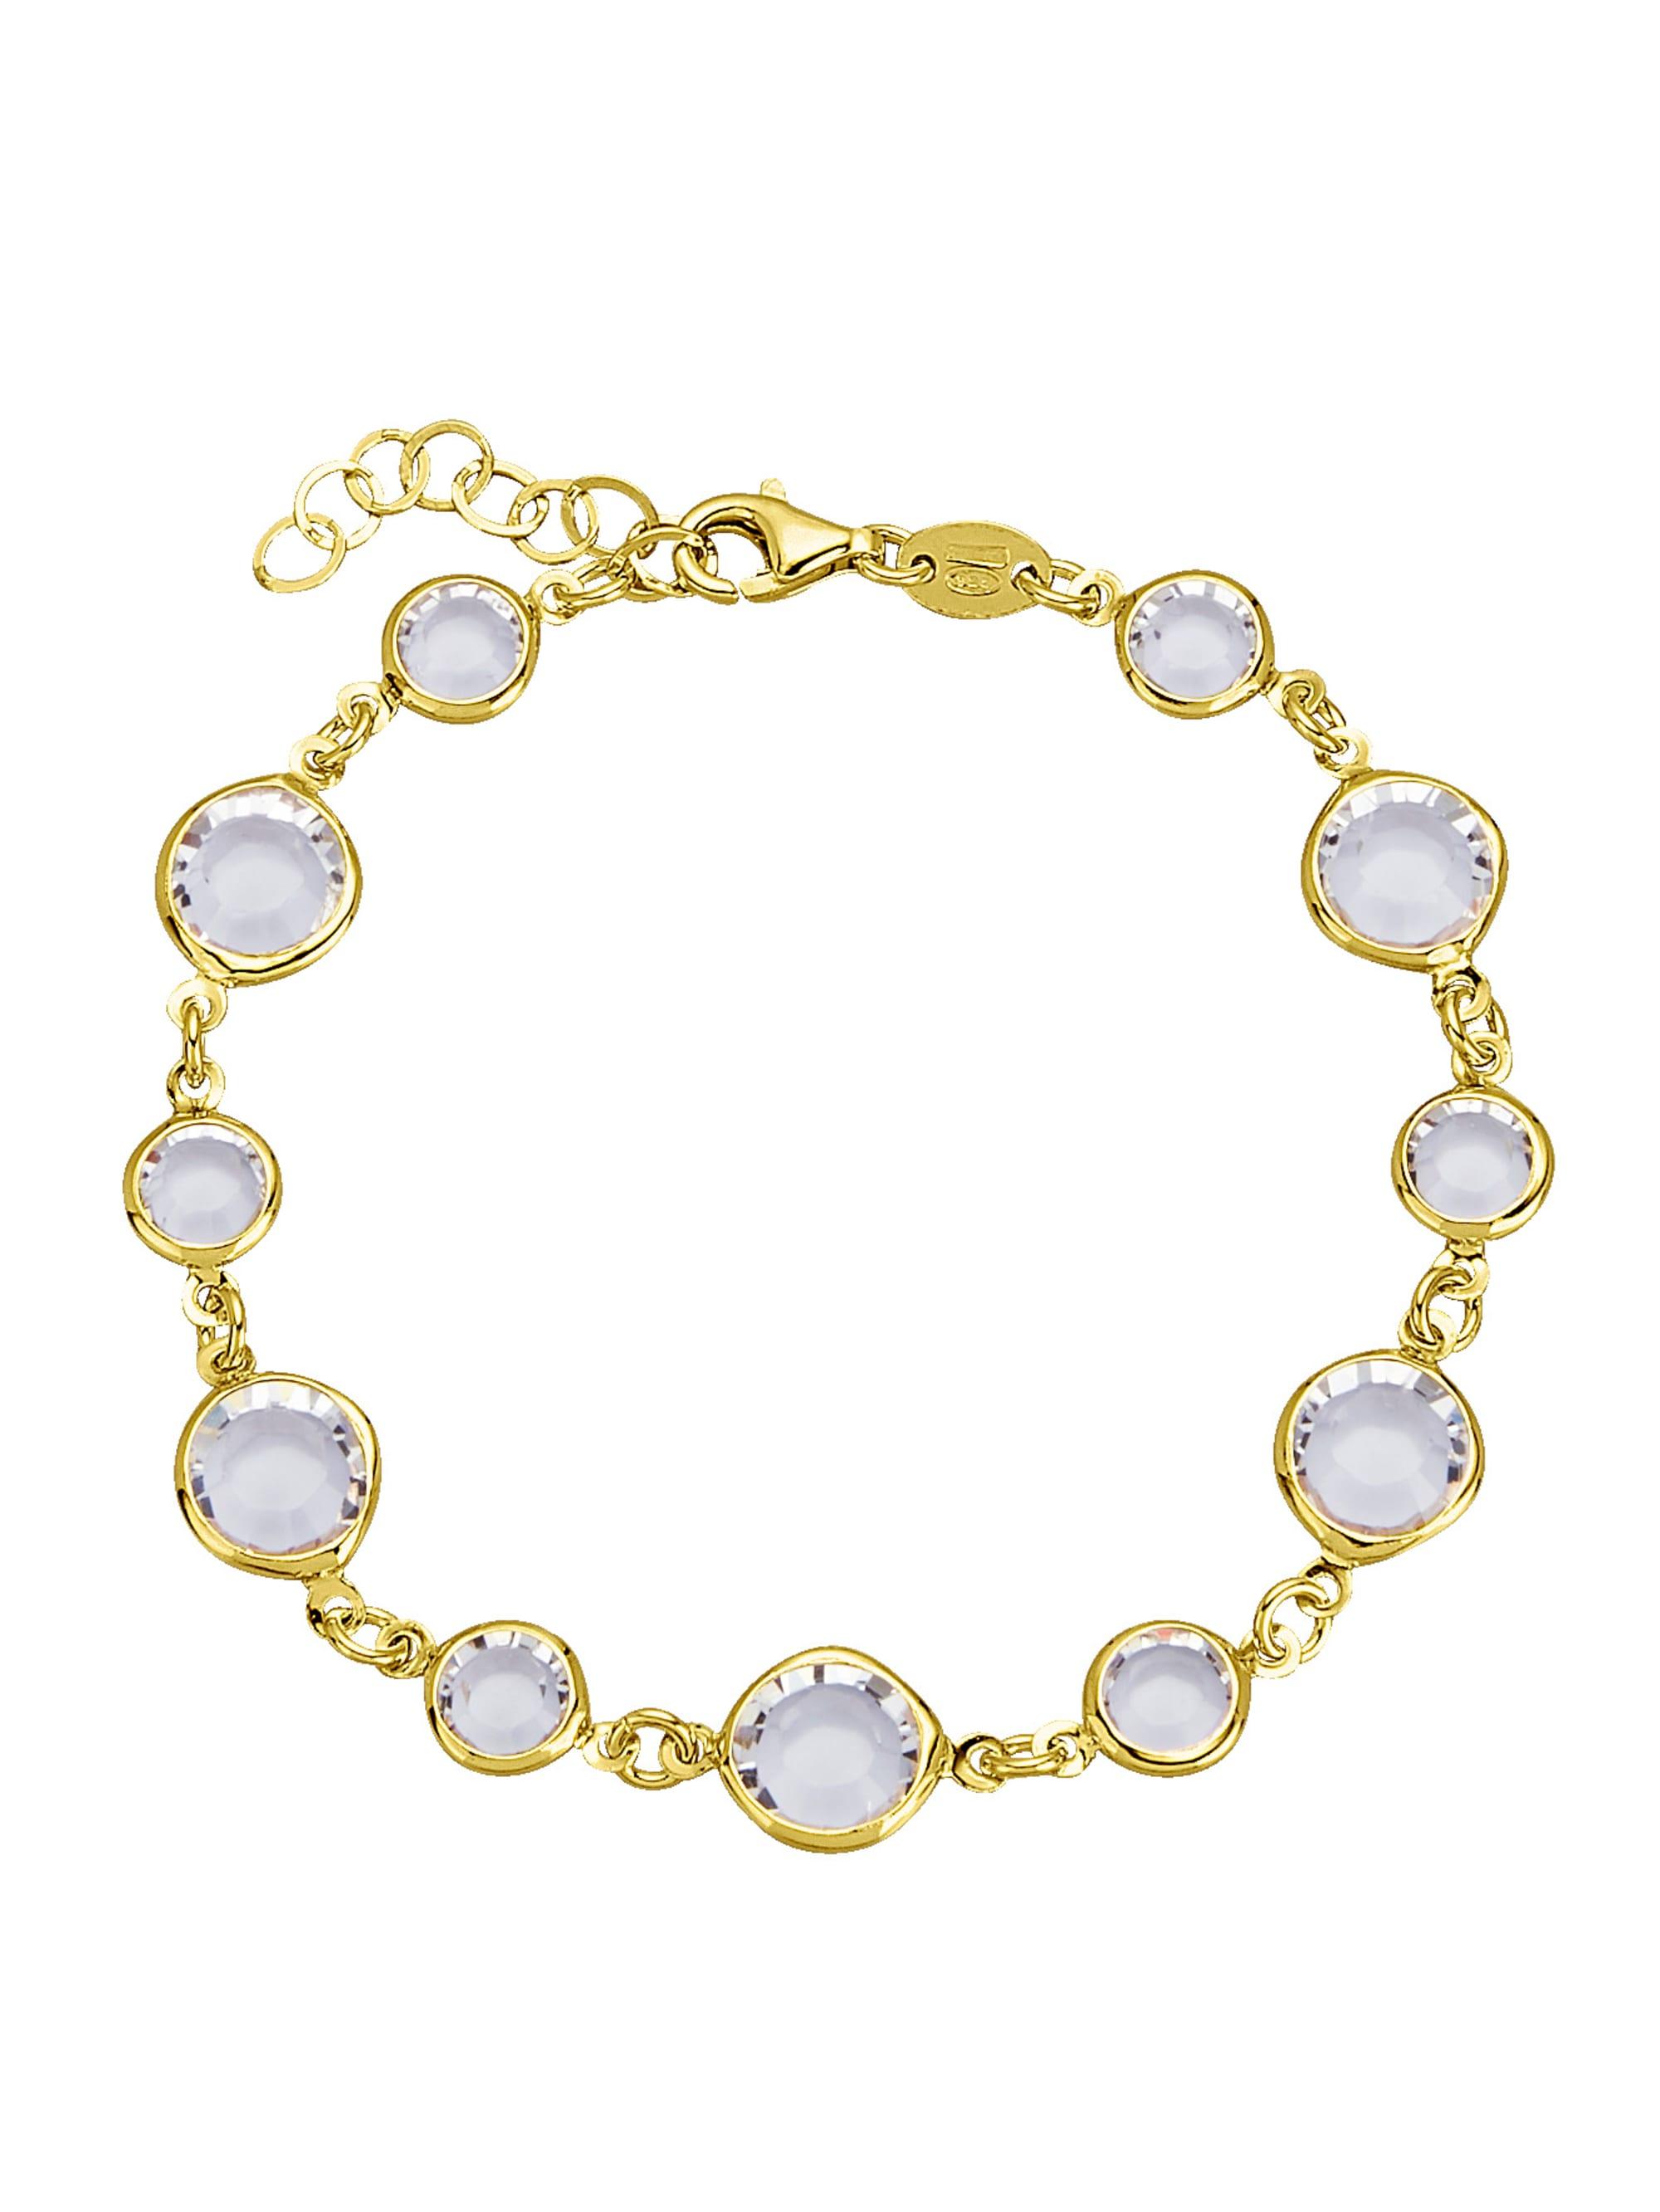 AMY VERMONT Armband mit Swarovski-Kristallen 28bRg